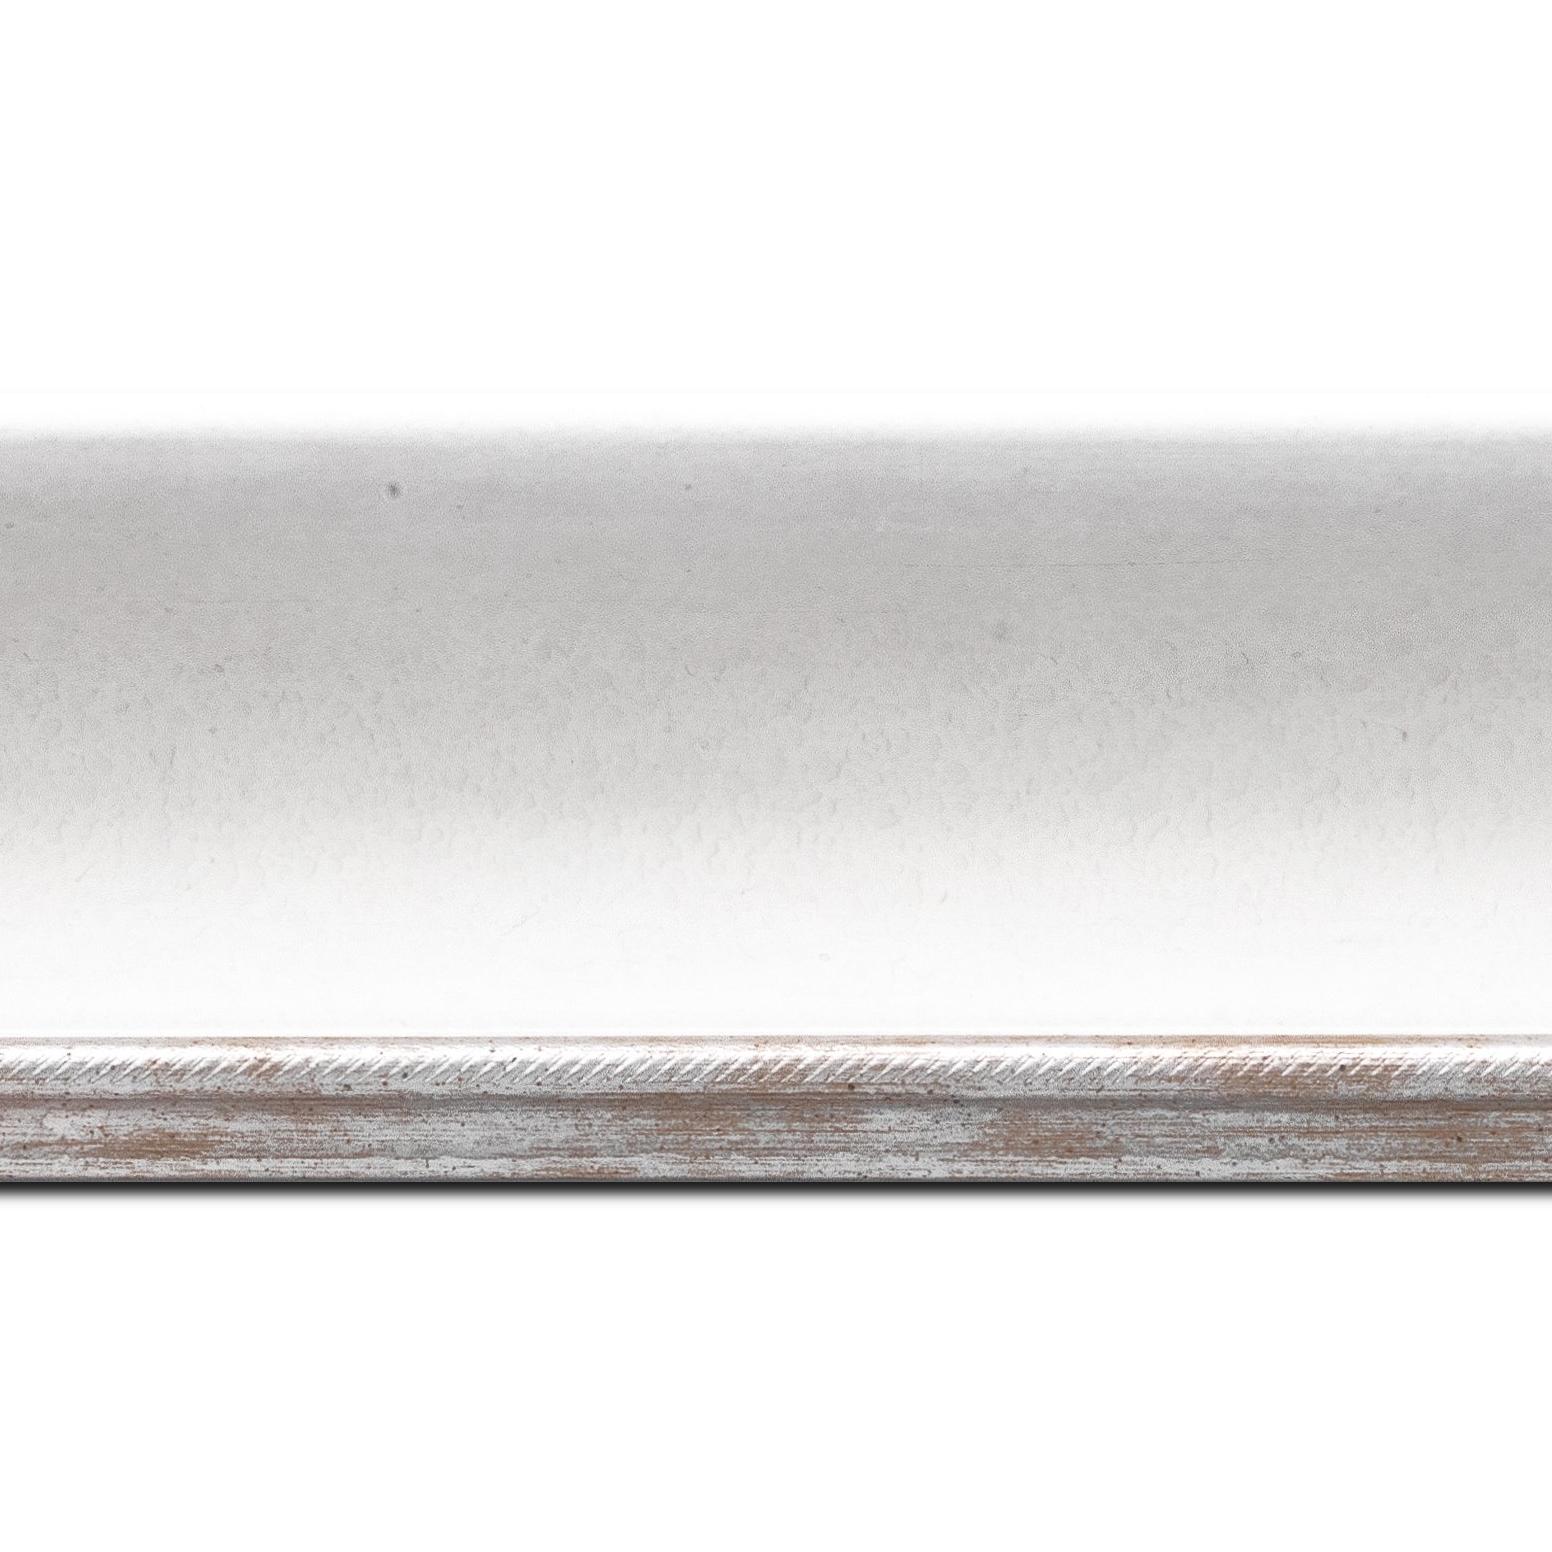 Baguette longueur 1.40m bois profil incurvé largeur 7.5cm de couleur blanc finition antique filet argent